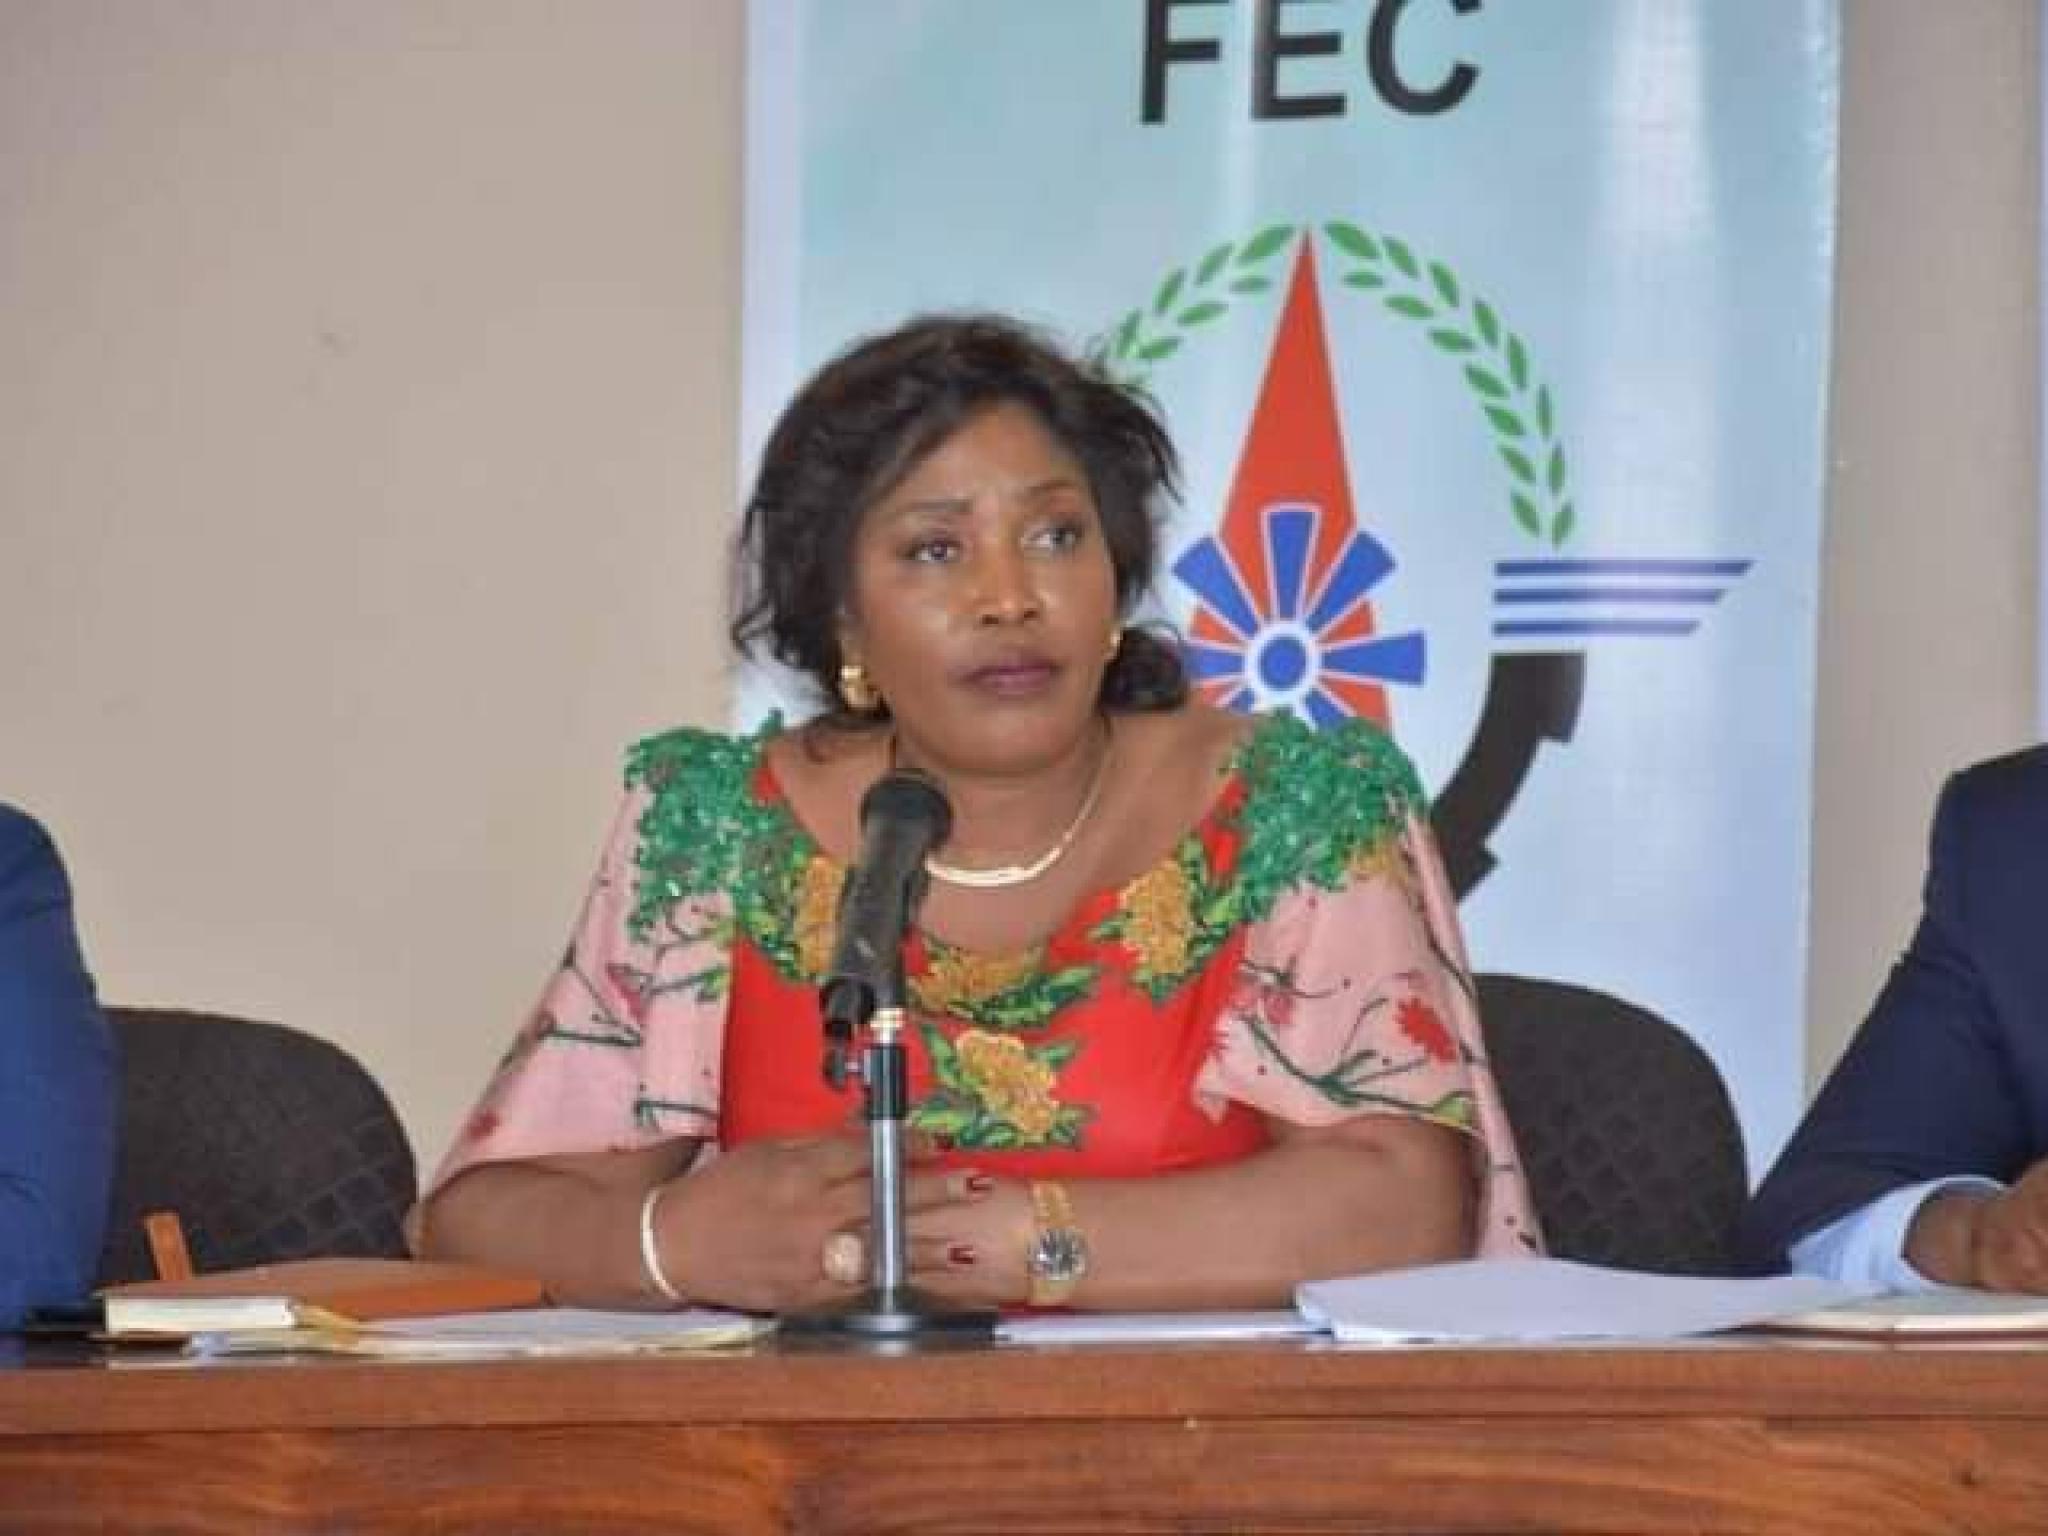 RDC : Mme Mme Pierrette Bemba n'a pas été nommée DG de la DGDA.